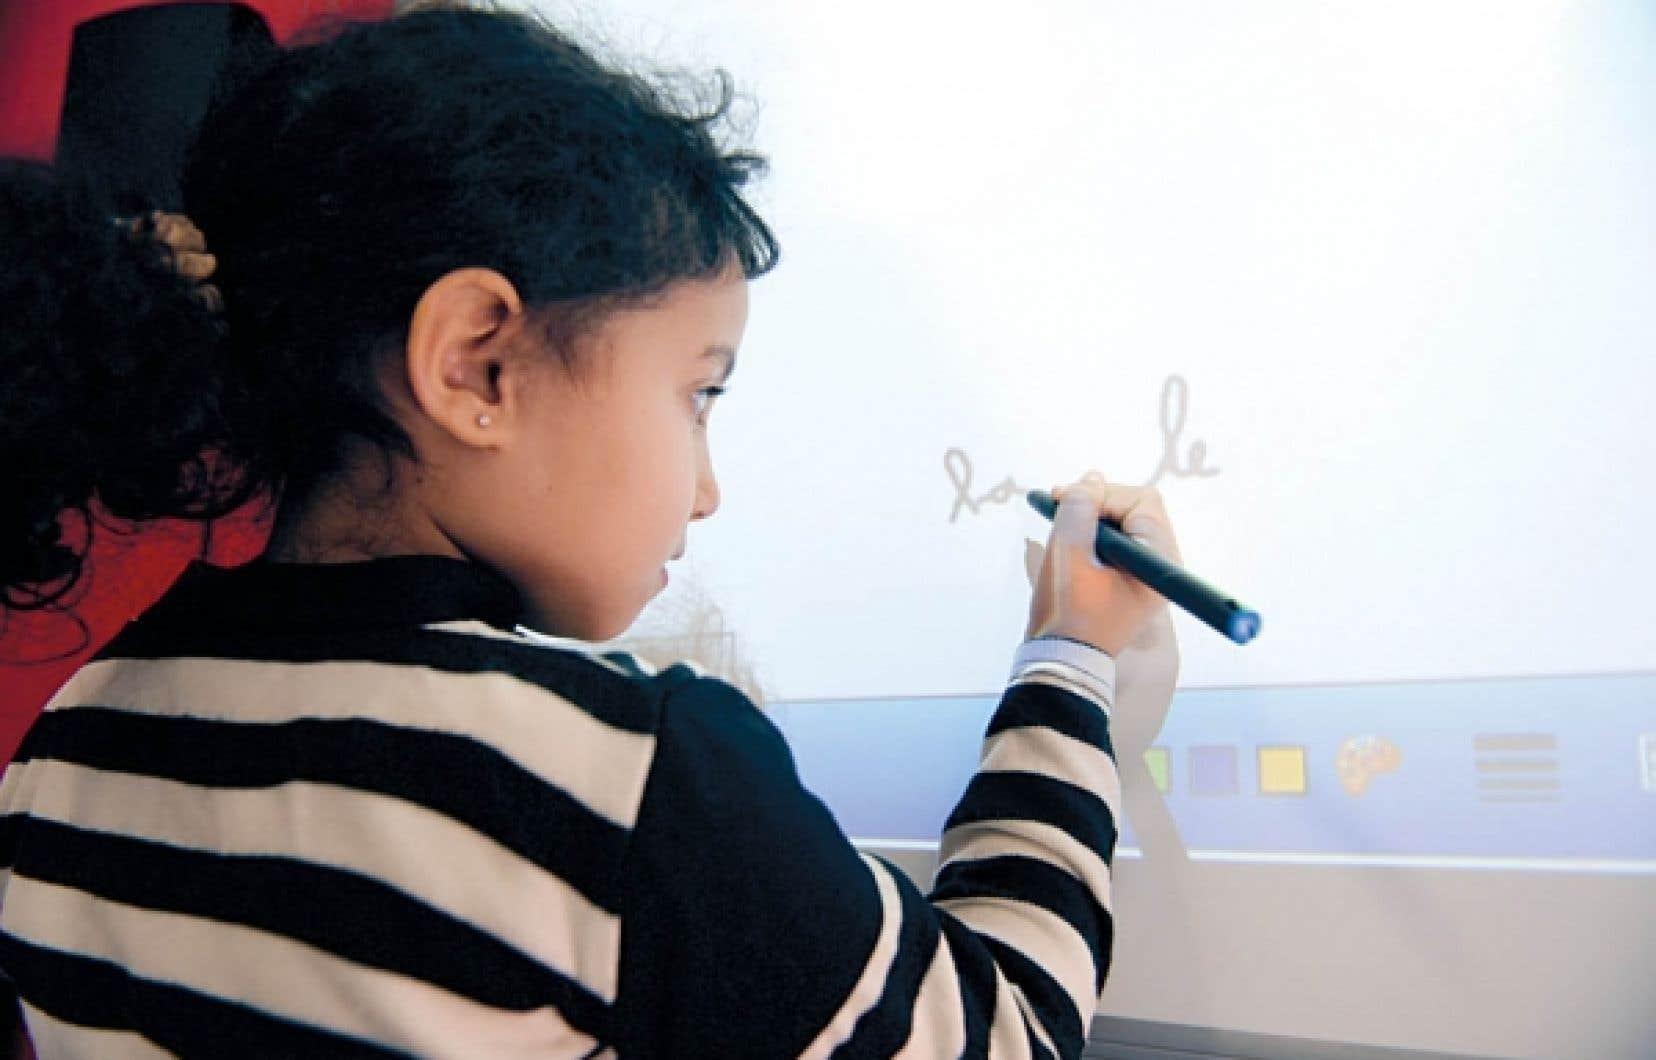 Les tableaux blancs interactifs (TBI) seraient au nombre de 10 000 dans les écoles québécoises.